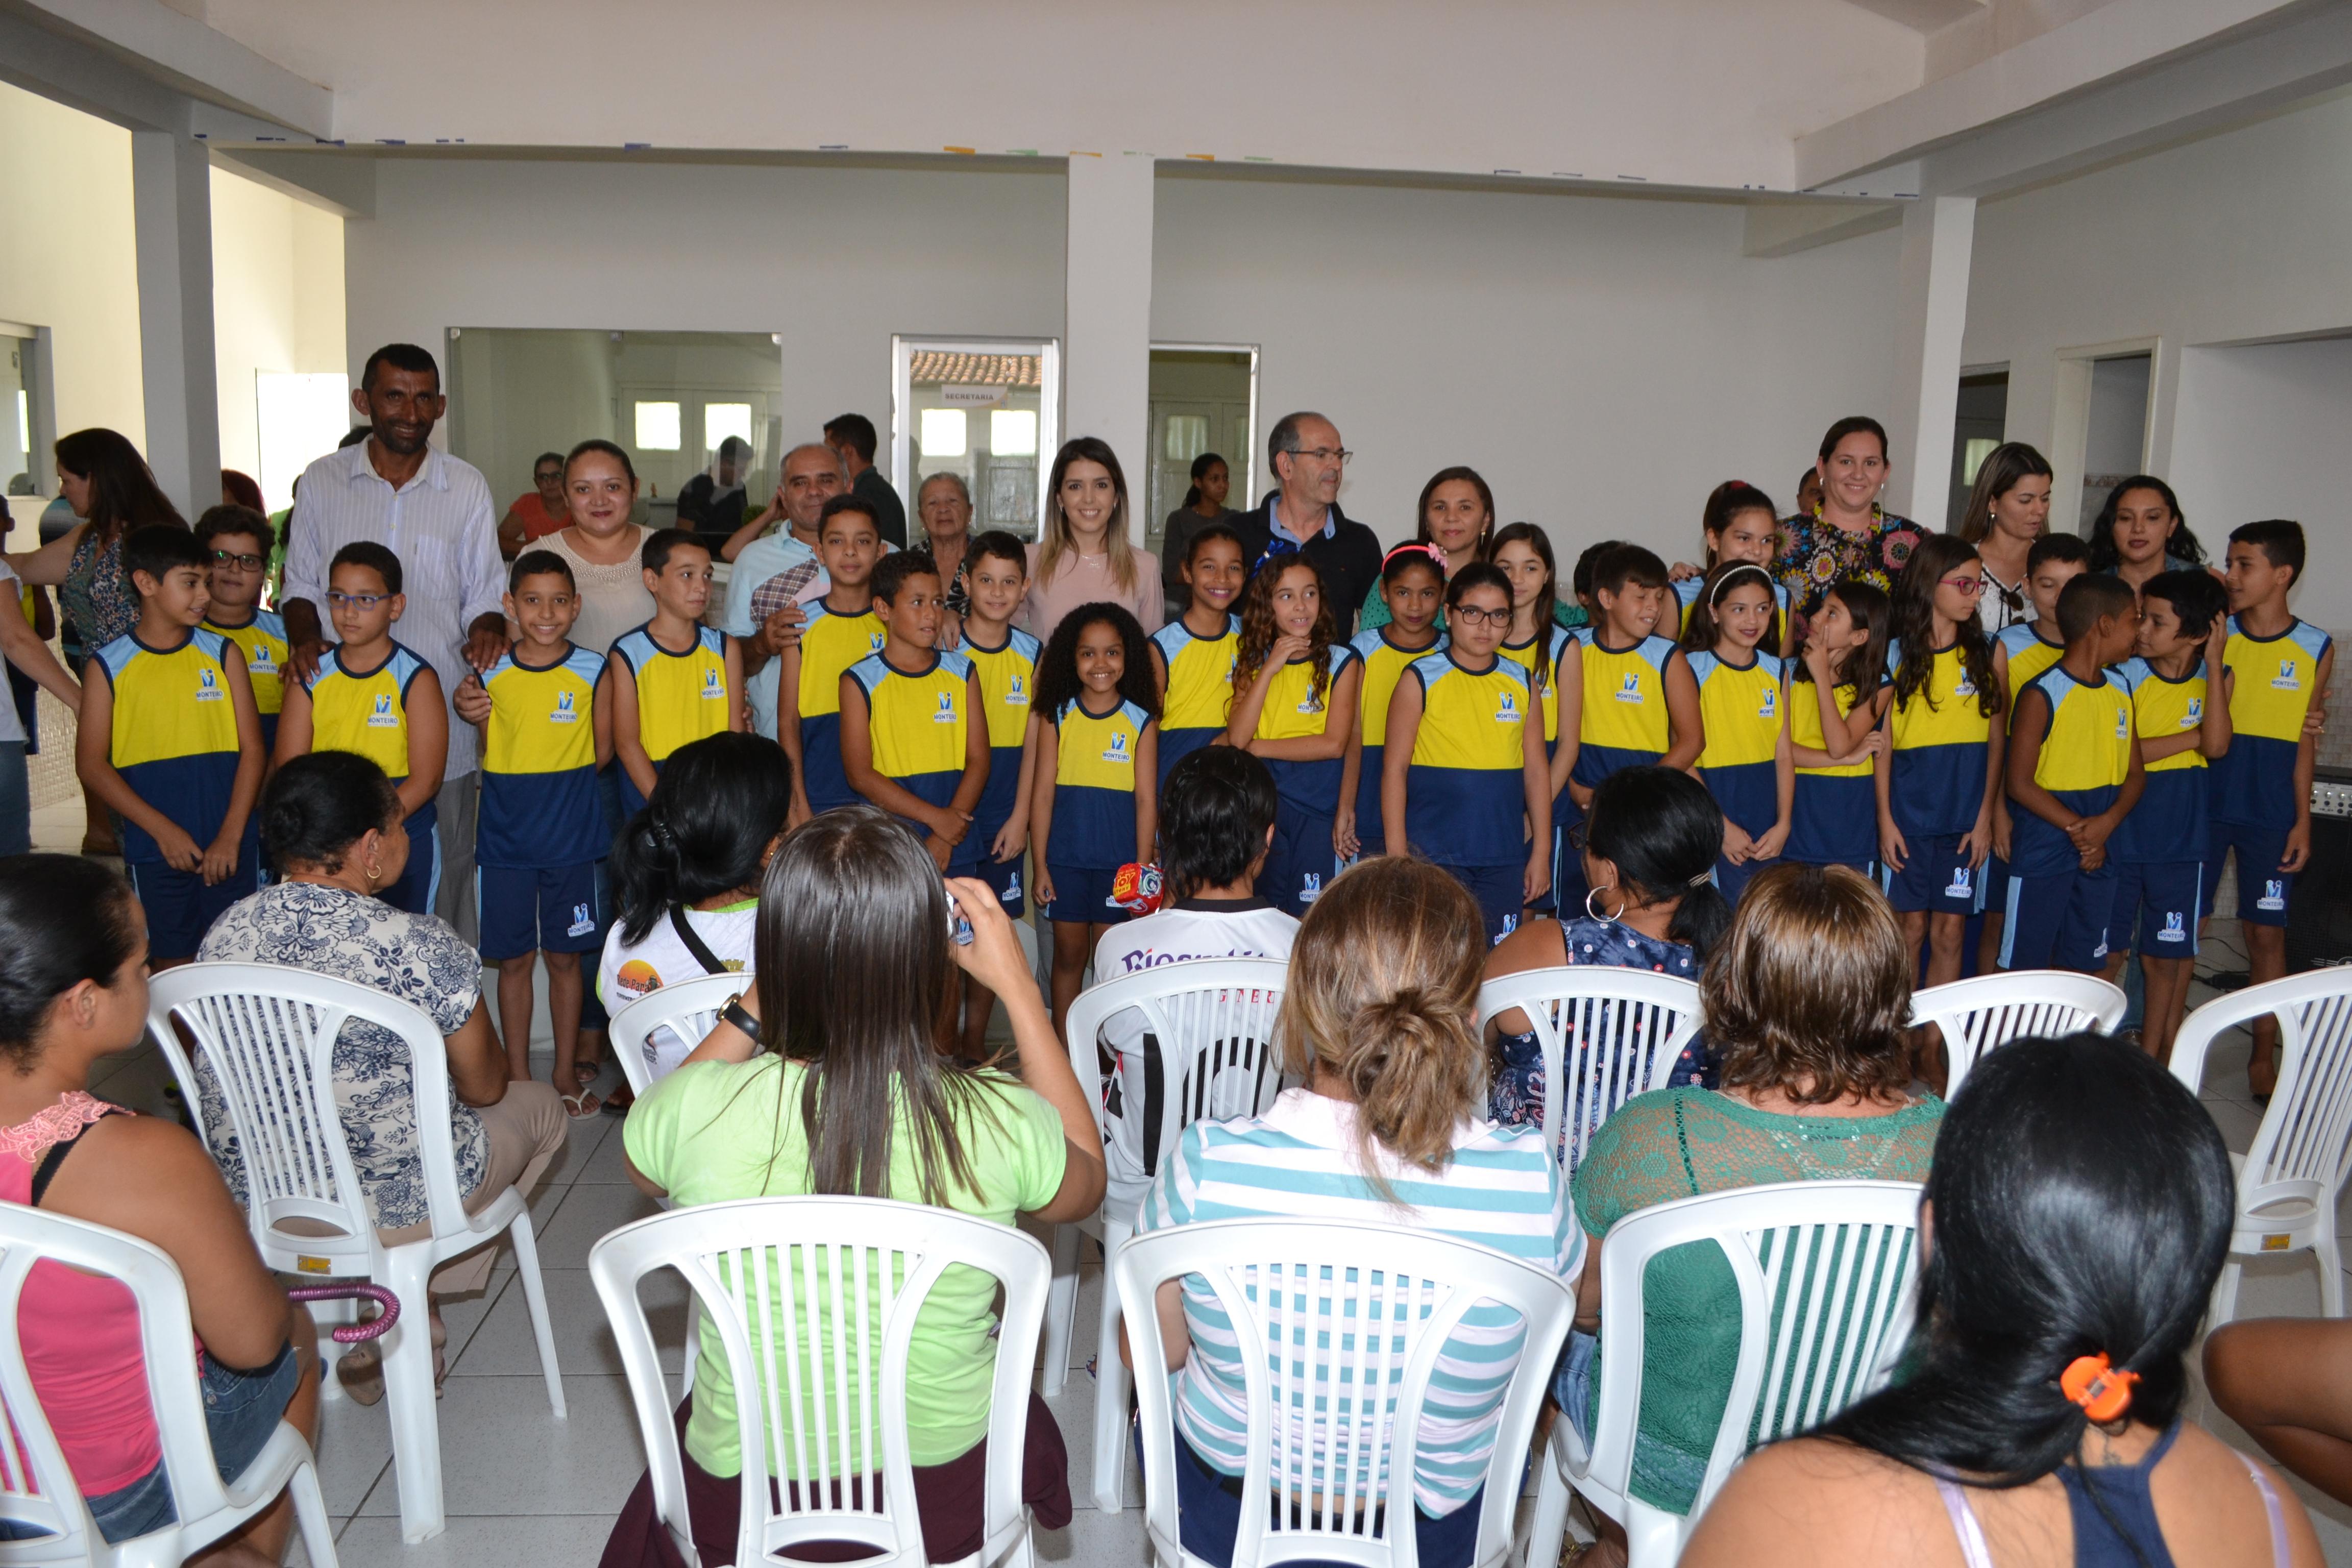 DSC_0385-300x200 Escolas Municipais de Monteiro recebem kit de fardamento das mãos da prefeita Lorena